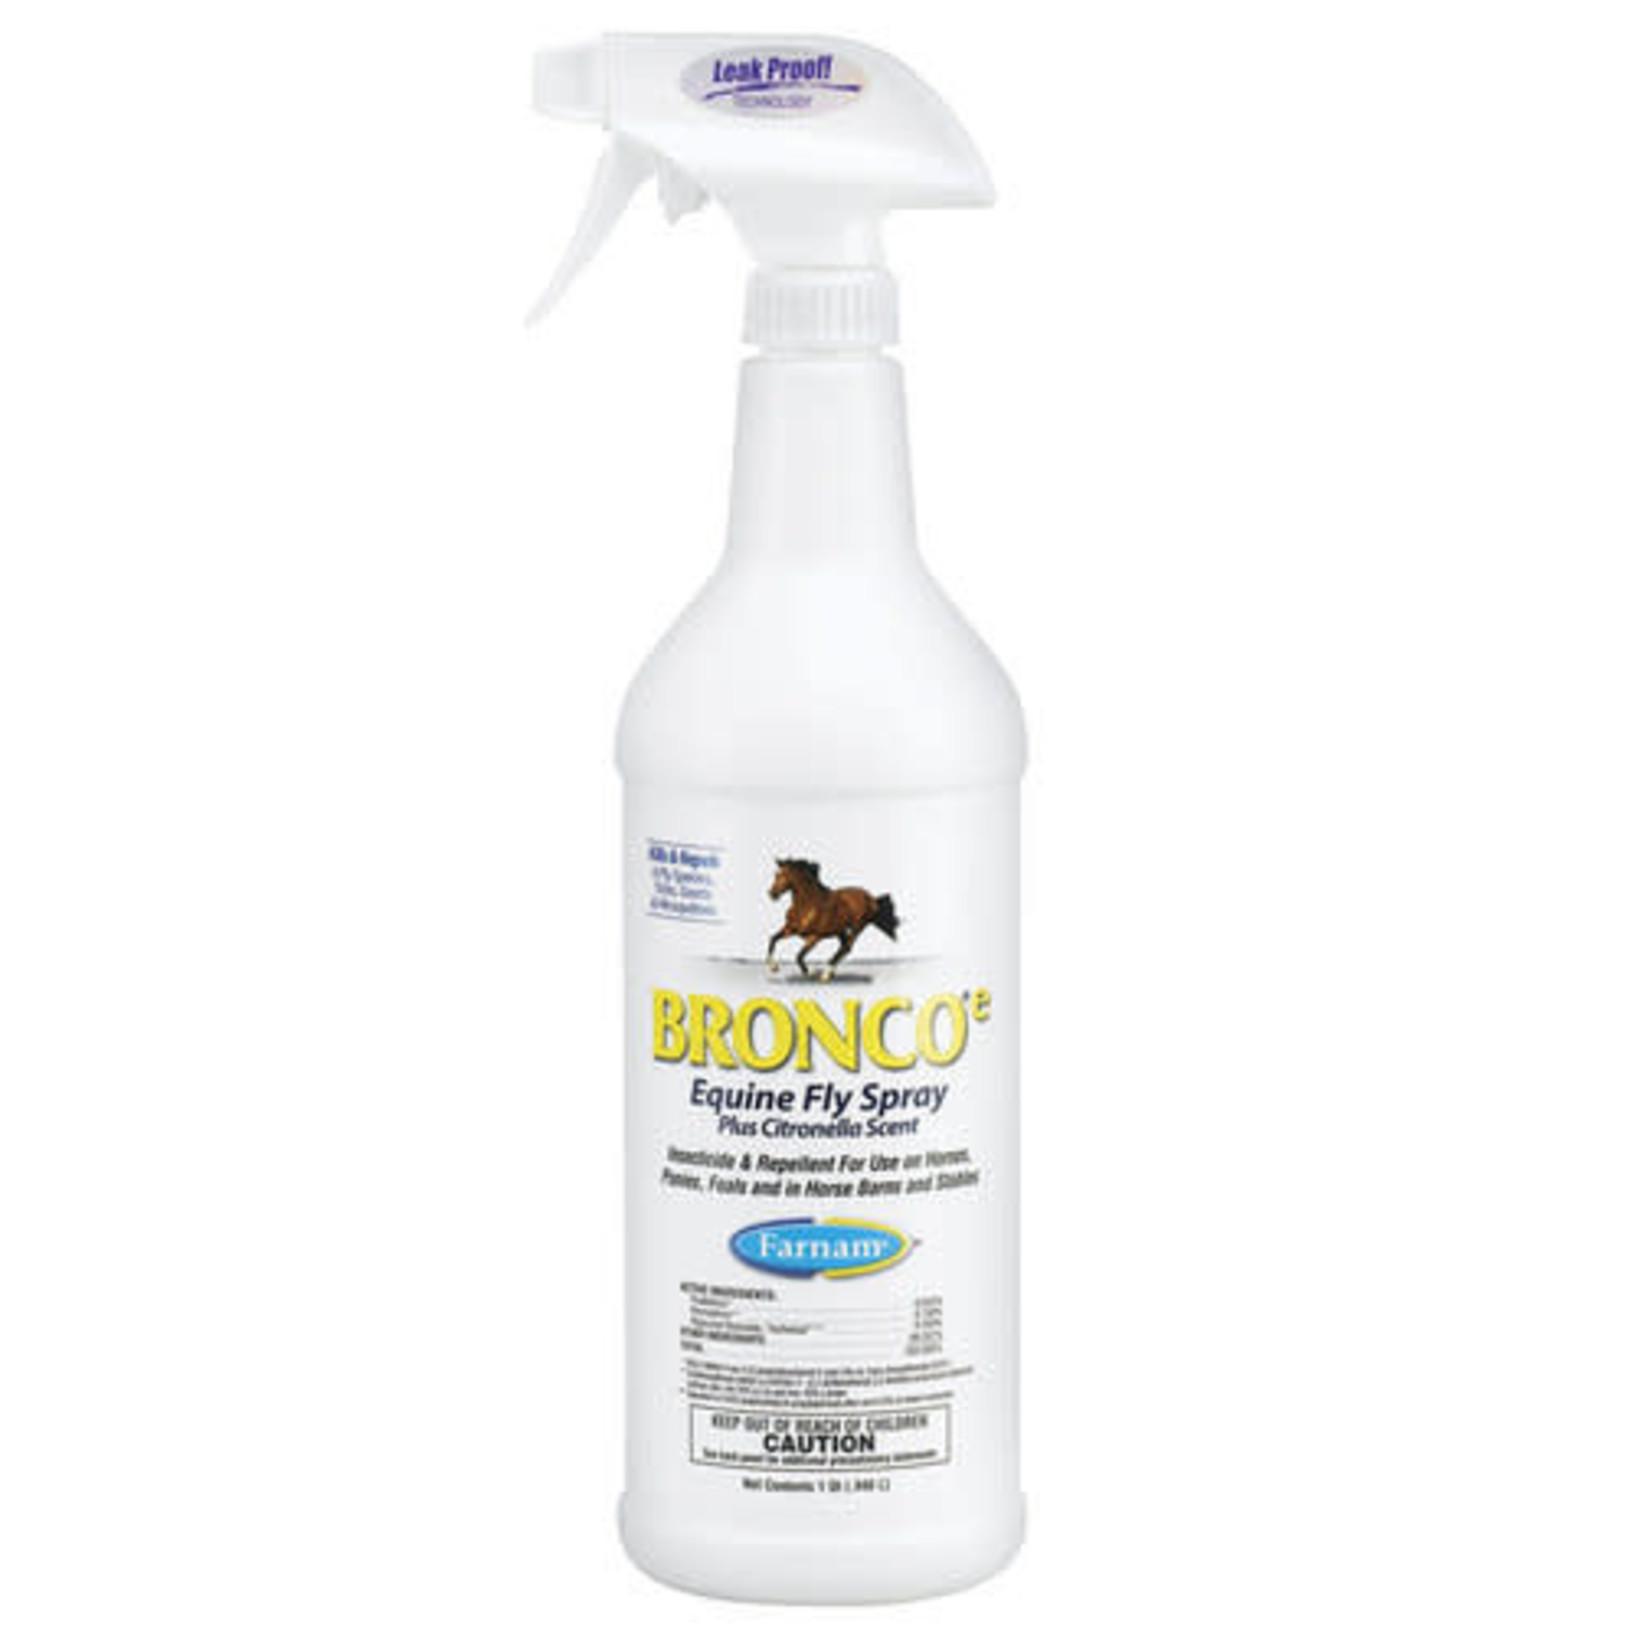 Bronco-E+ Equine Fly Spray